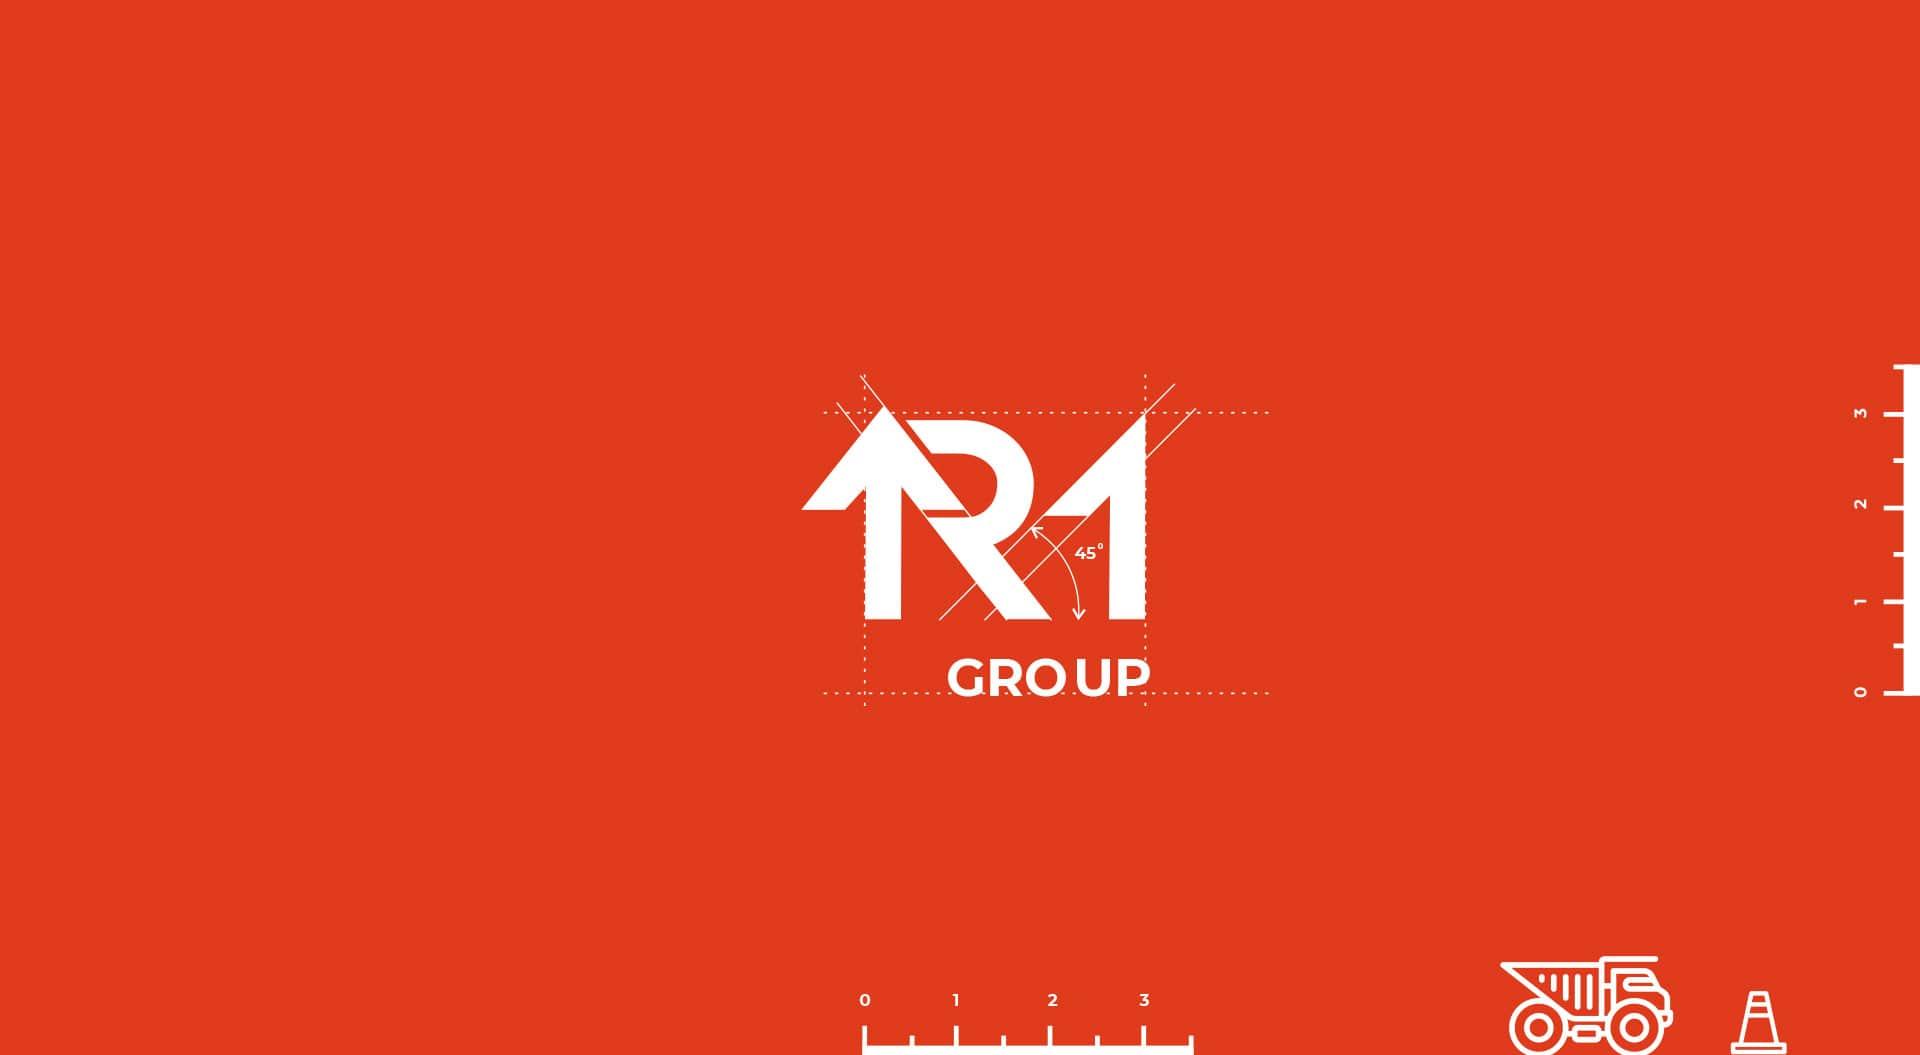 фирменный стиль девелоперской компании r1